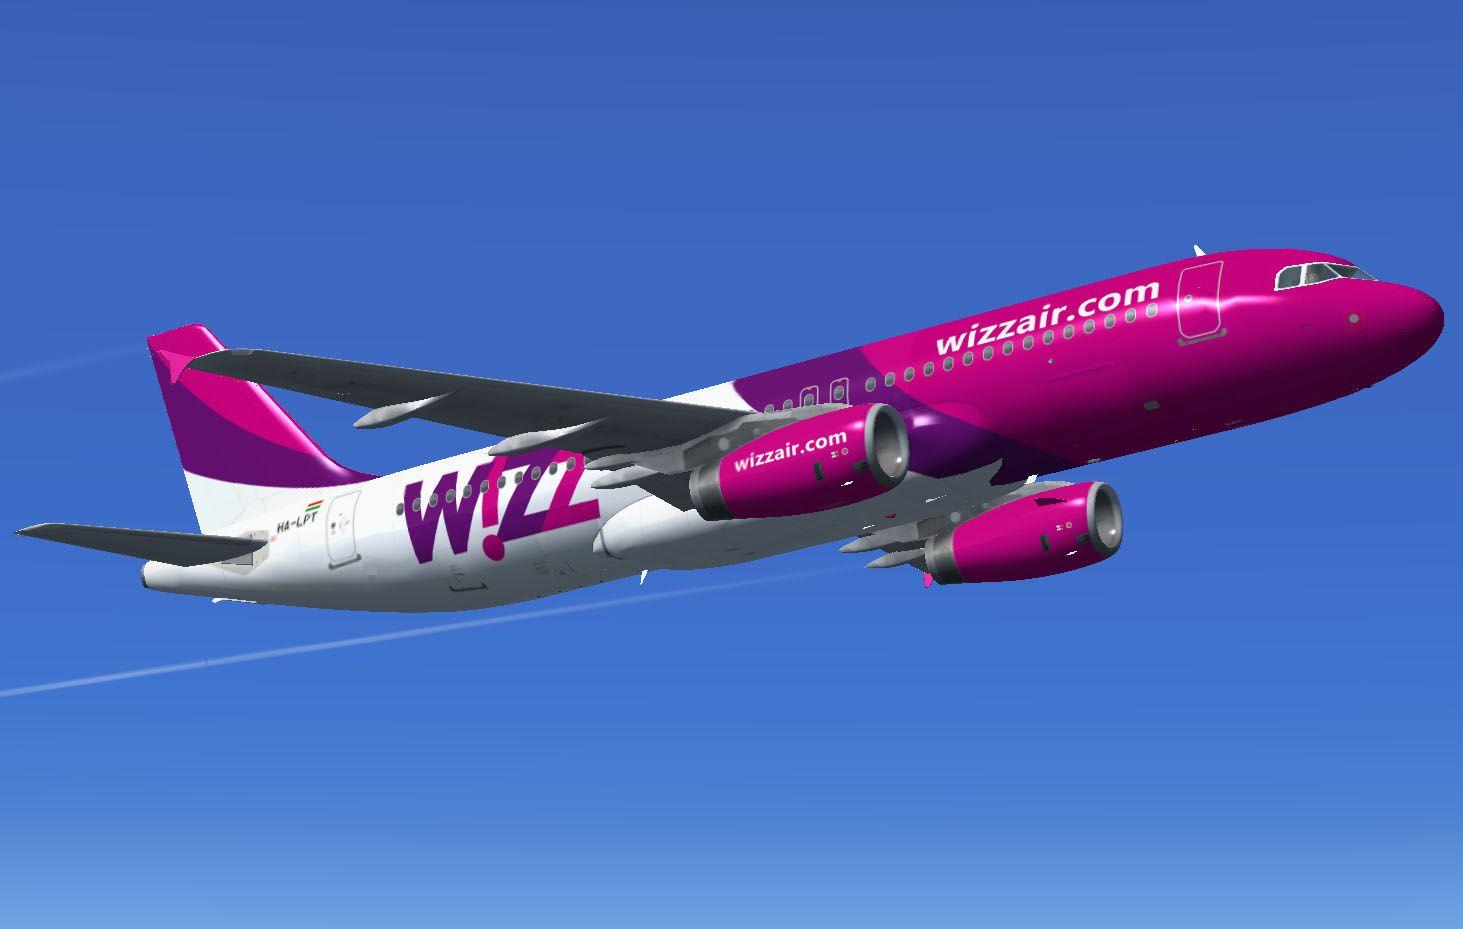 """""""ვიზეარი"""" ქუთაისიდან დიდი ბრიტანეთის მიმართულებით პირდაპირი ავიარეისის შესრულებას იწყებს. ფოტო: Wizz Air"""